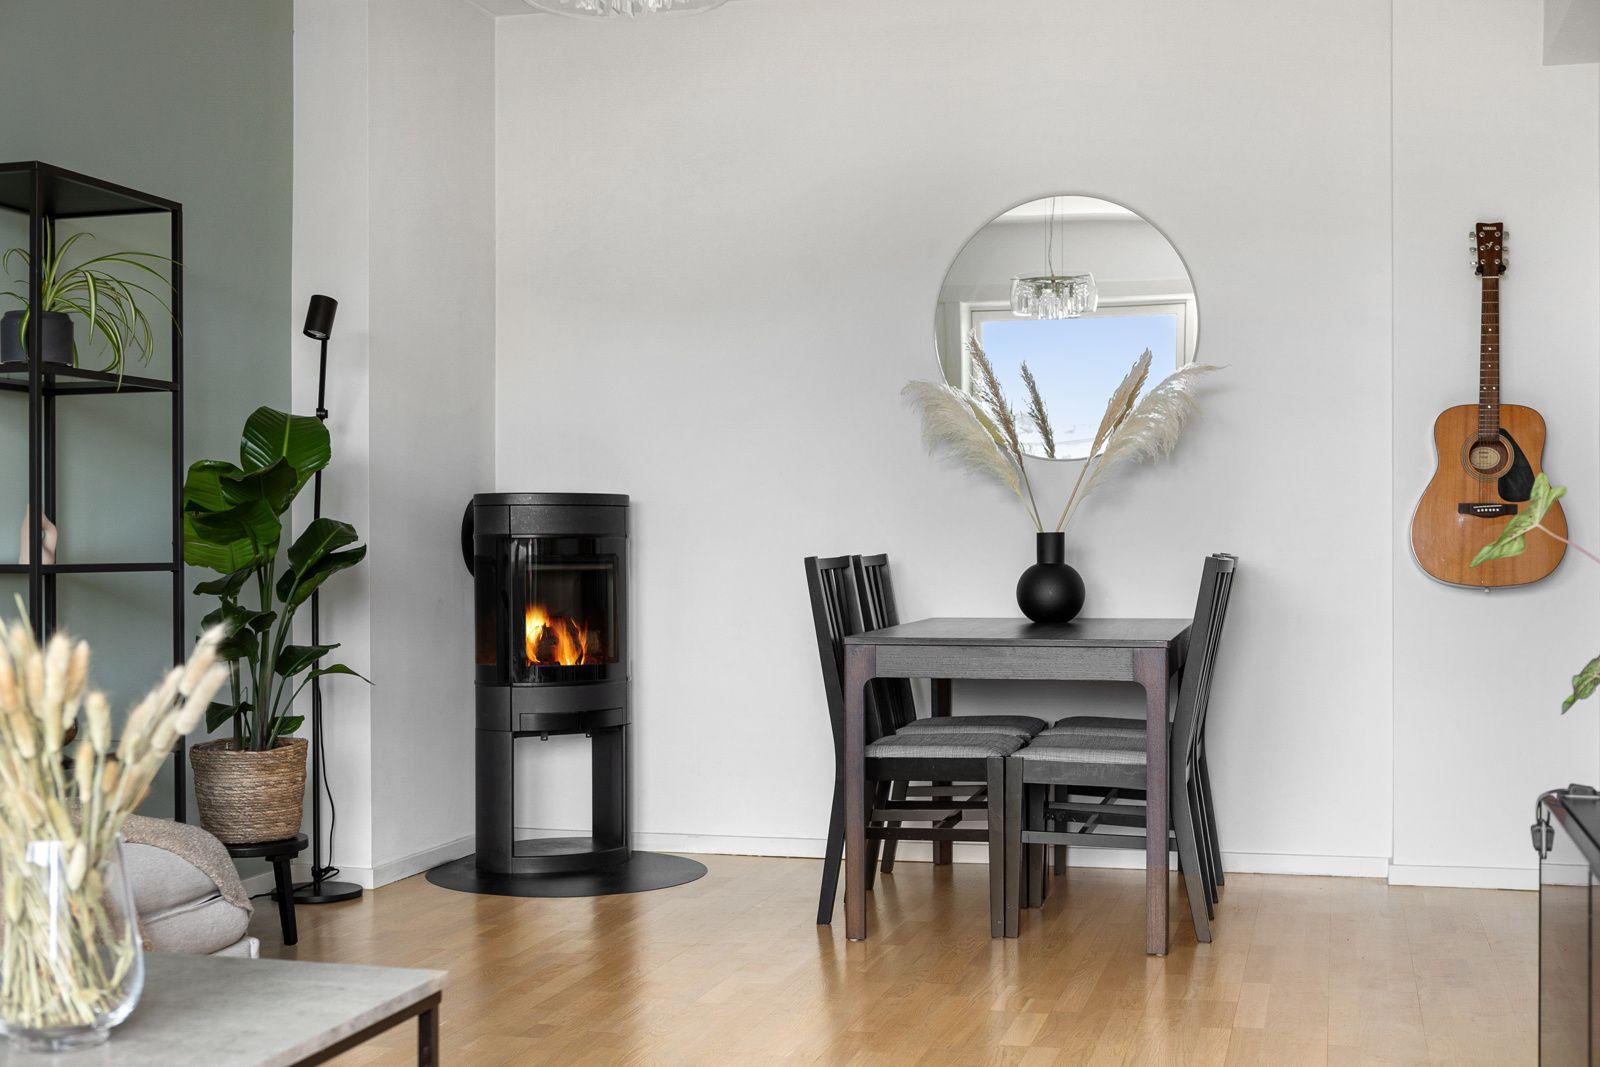 Ålesundgata 3 B I hjørnet av stuen har du en moderne vedovn med glassdør som varmer godt på kalde høst- og vinterdager, samt bidrar til hygge.